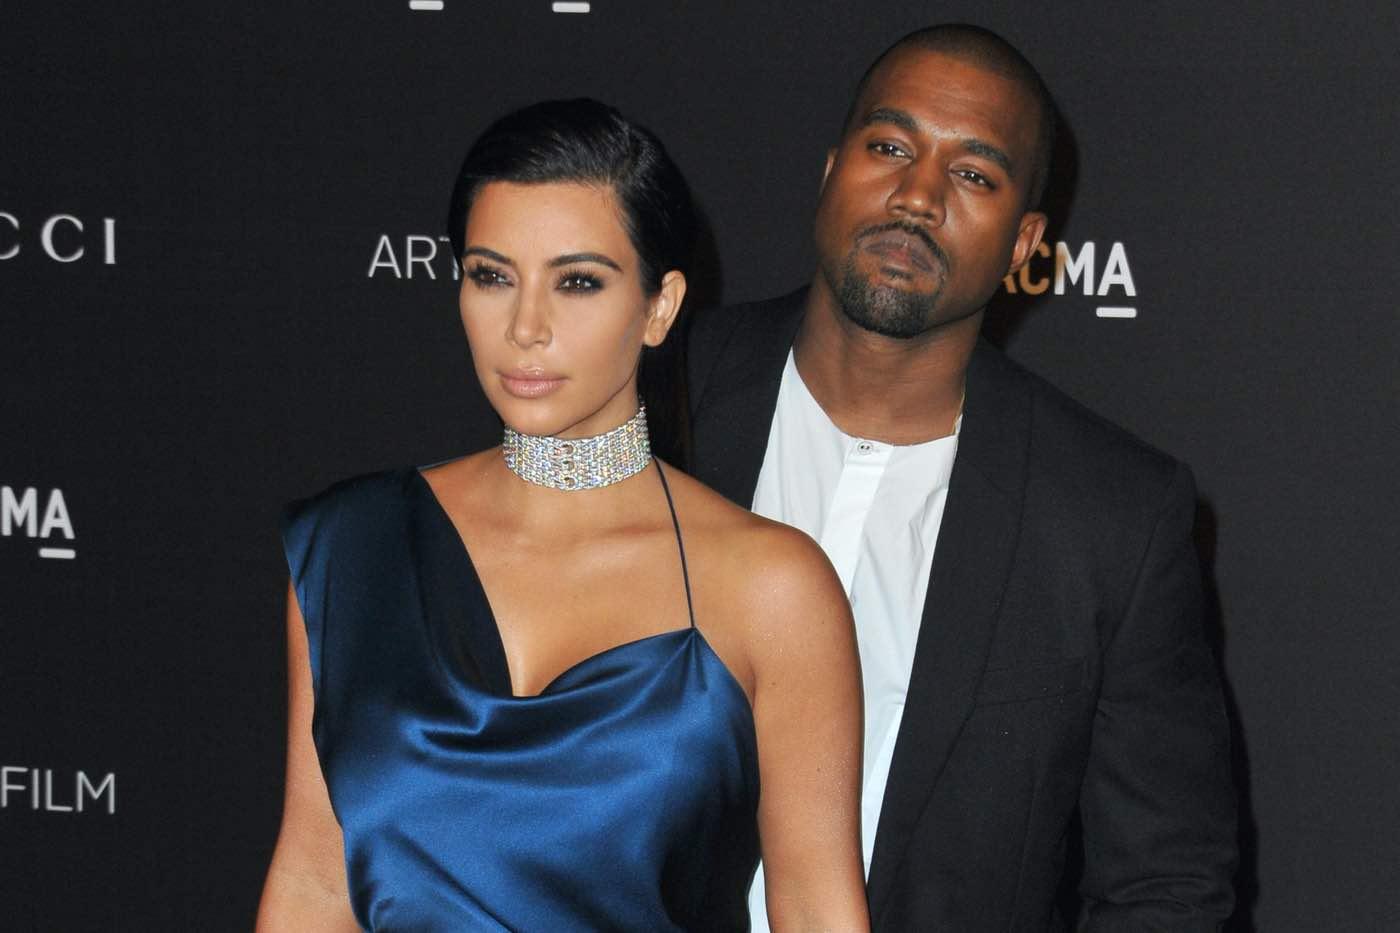 Kim Kardashian 'paga a su ex Kanye West 23 millones de dólares para quedarse con su mansión de $60 millones en Los Ángeles', según documentos de su divorcio